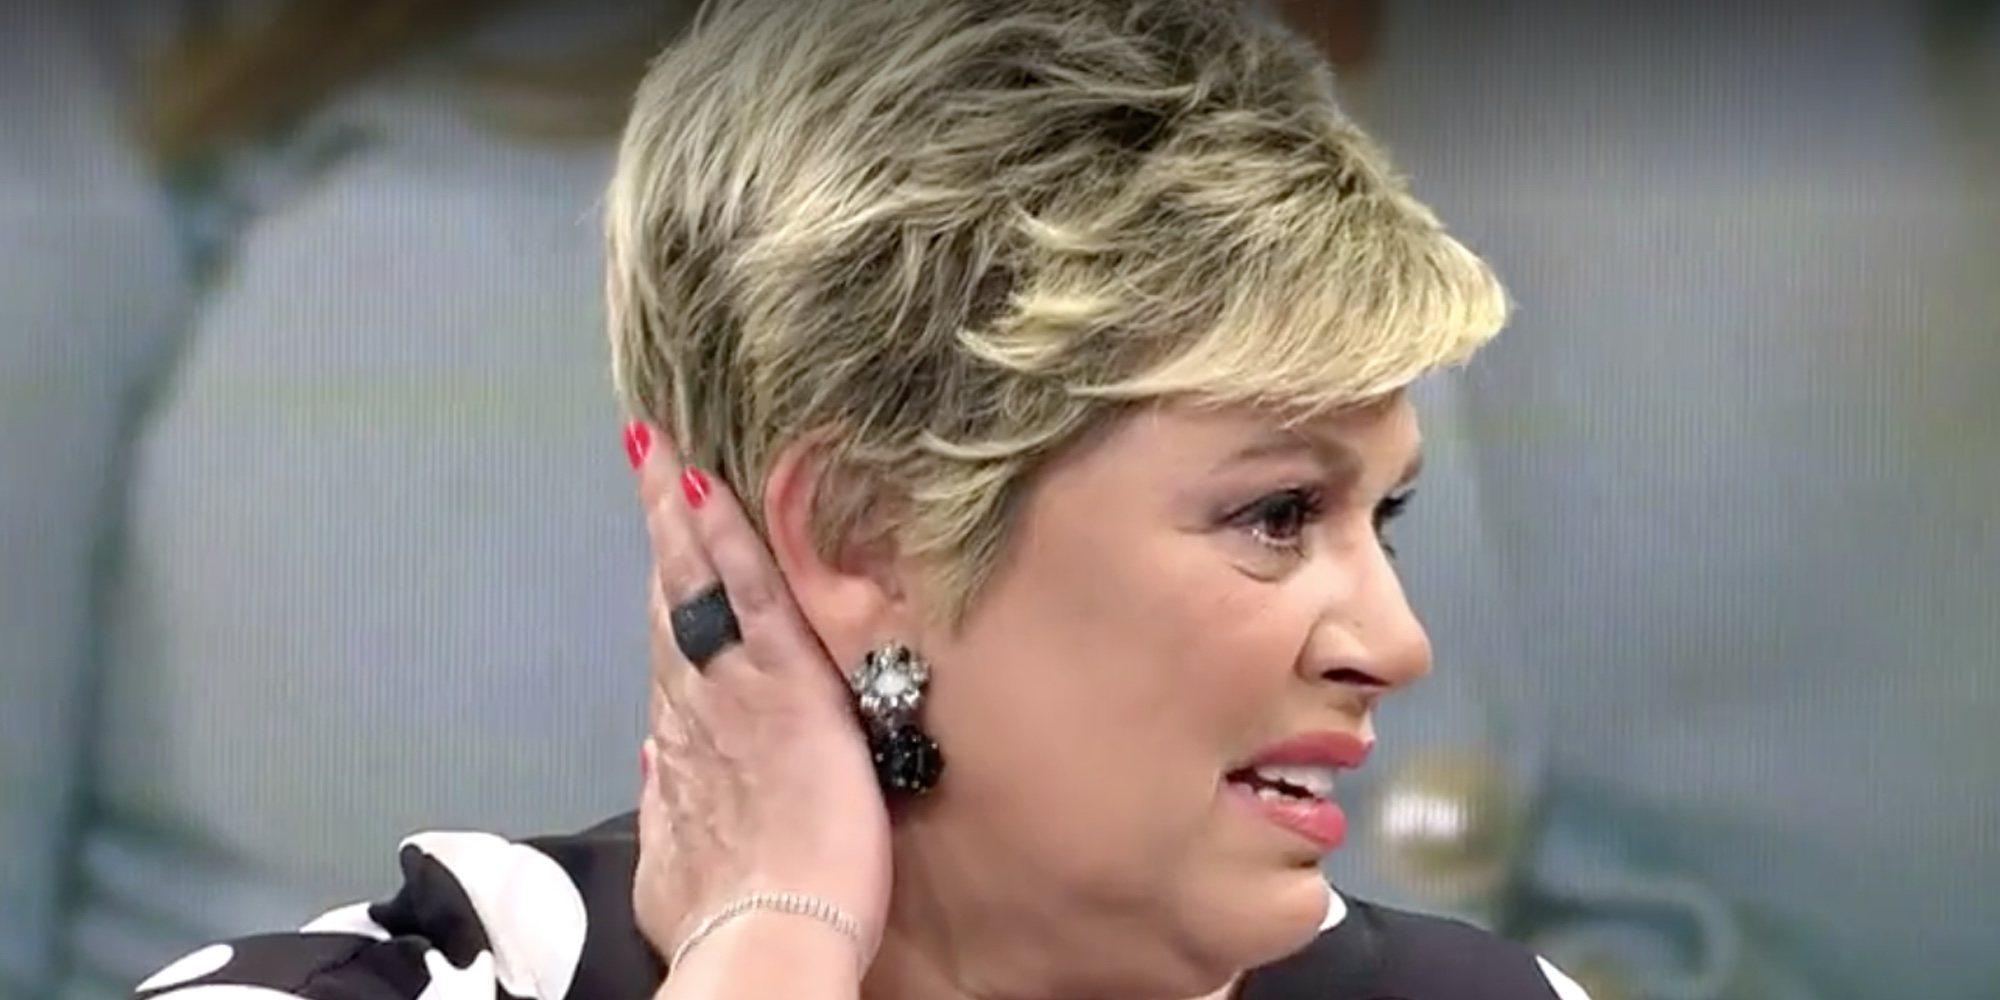 Terelu Campos abandona el plató de 'Viva la vida' entre lágrimas por las críticas hacia las fotos de su casa